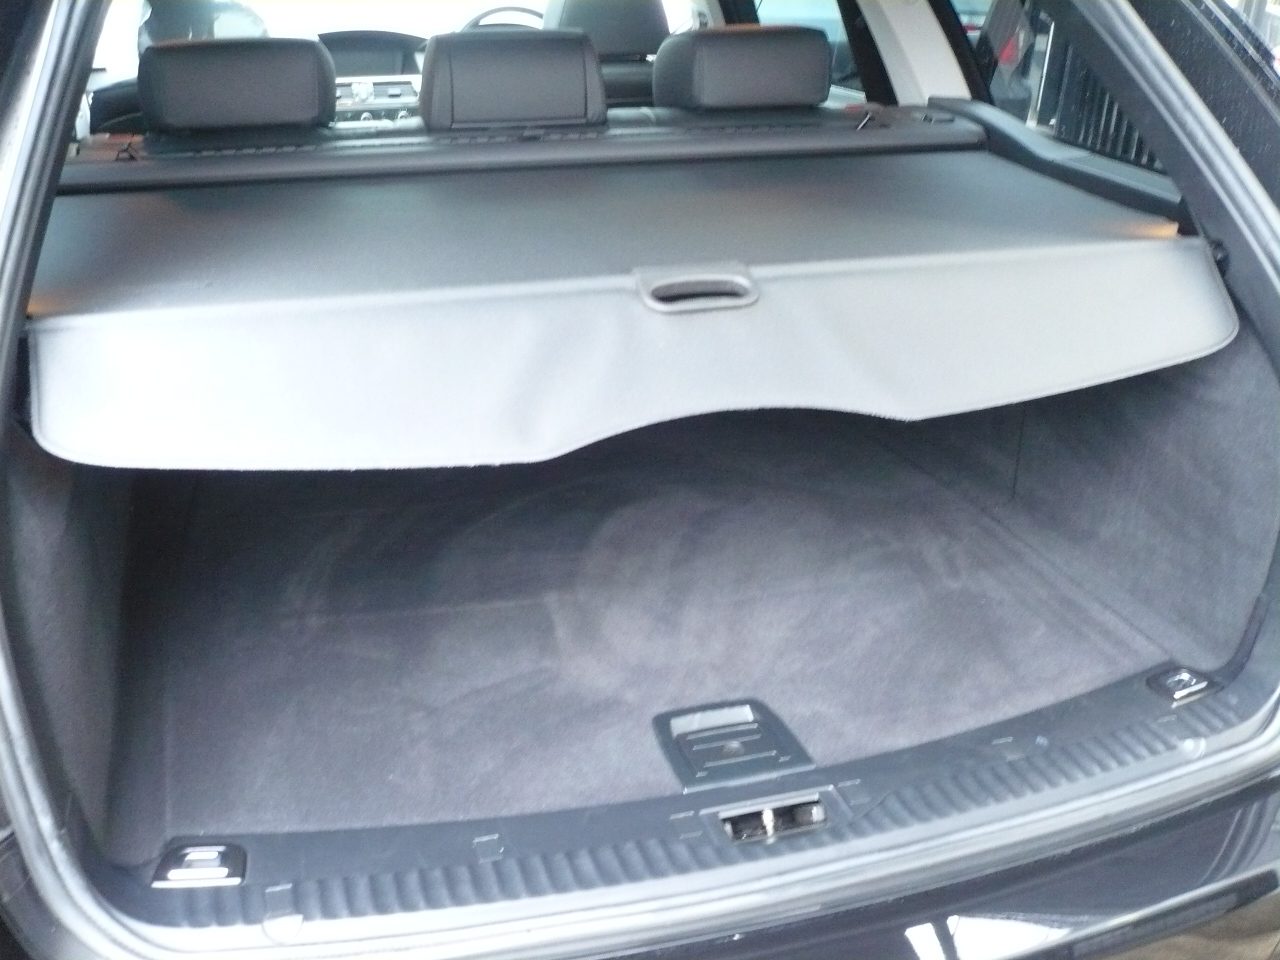 525iツーリングBEAMコンプリートカーStⅡ ブラックレザー ワンオーナー 電子シフト車両画像13